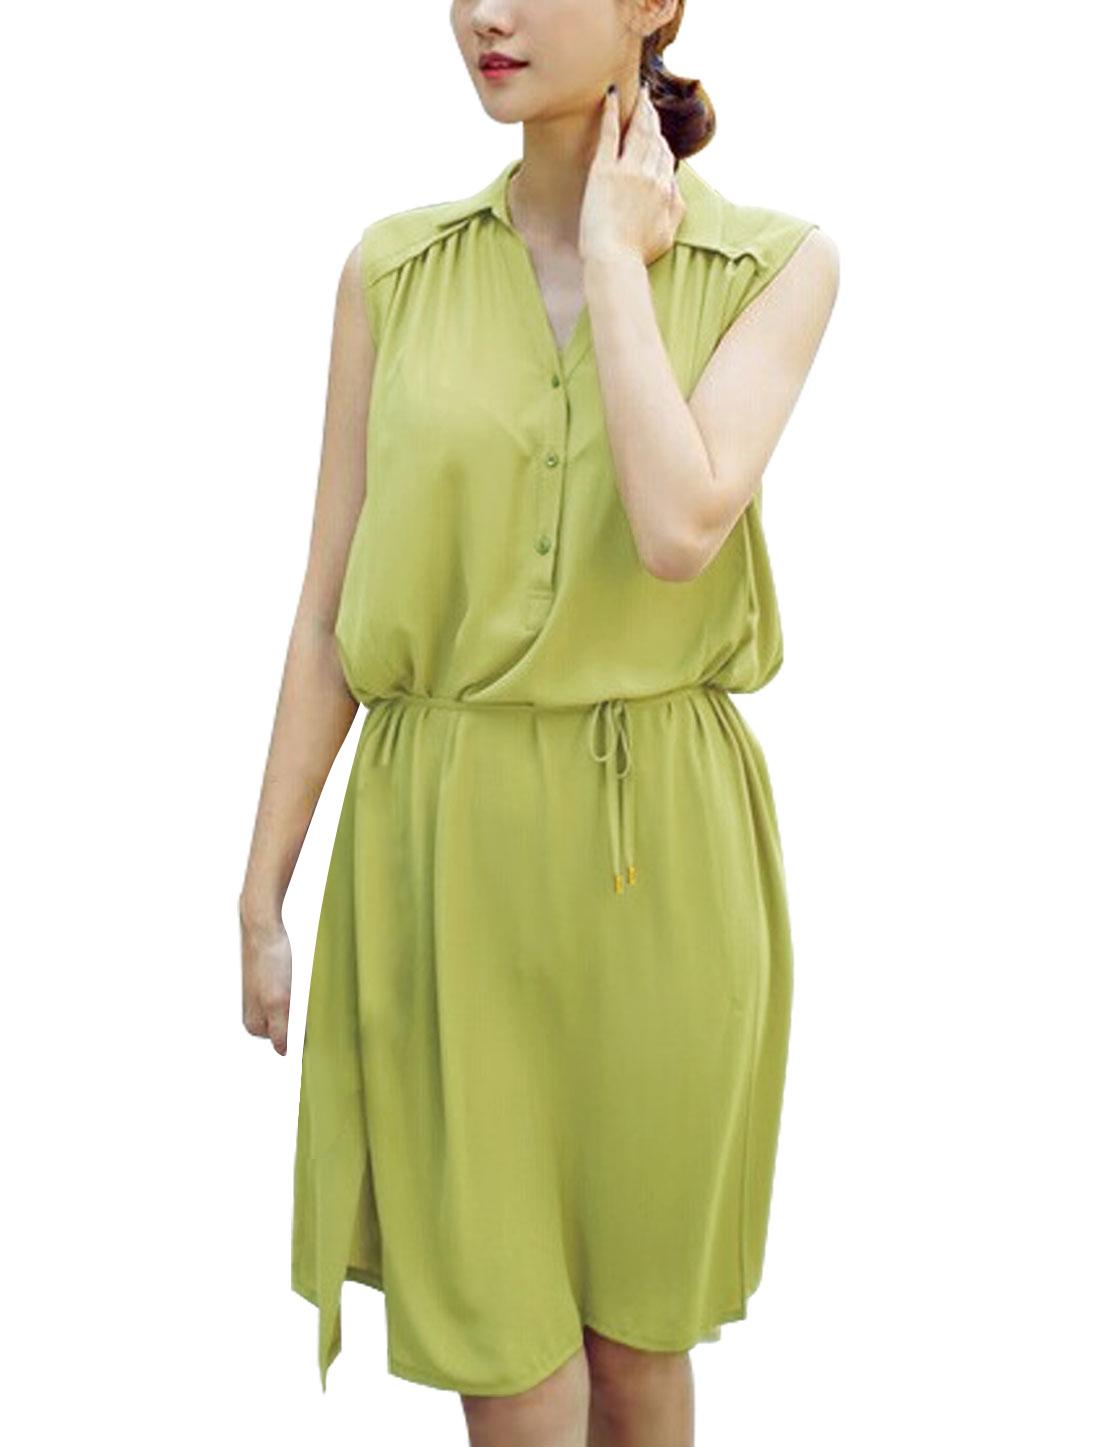 Lady's Sleeveless Self Tie Strap Waist Split Side Unlined Chiffon Dress Green M